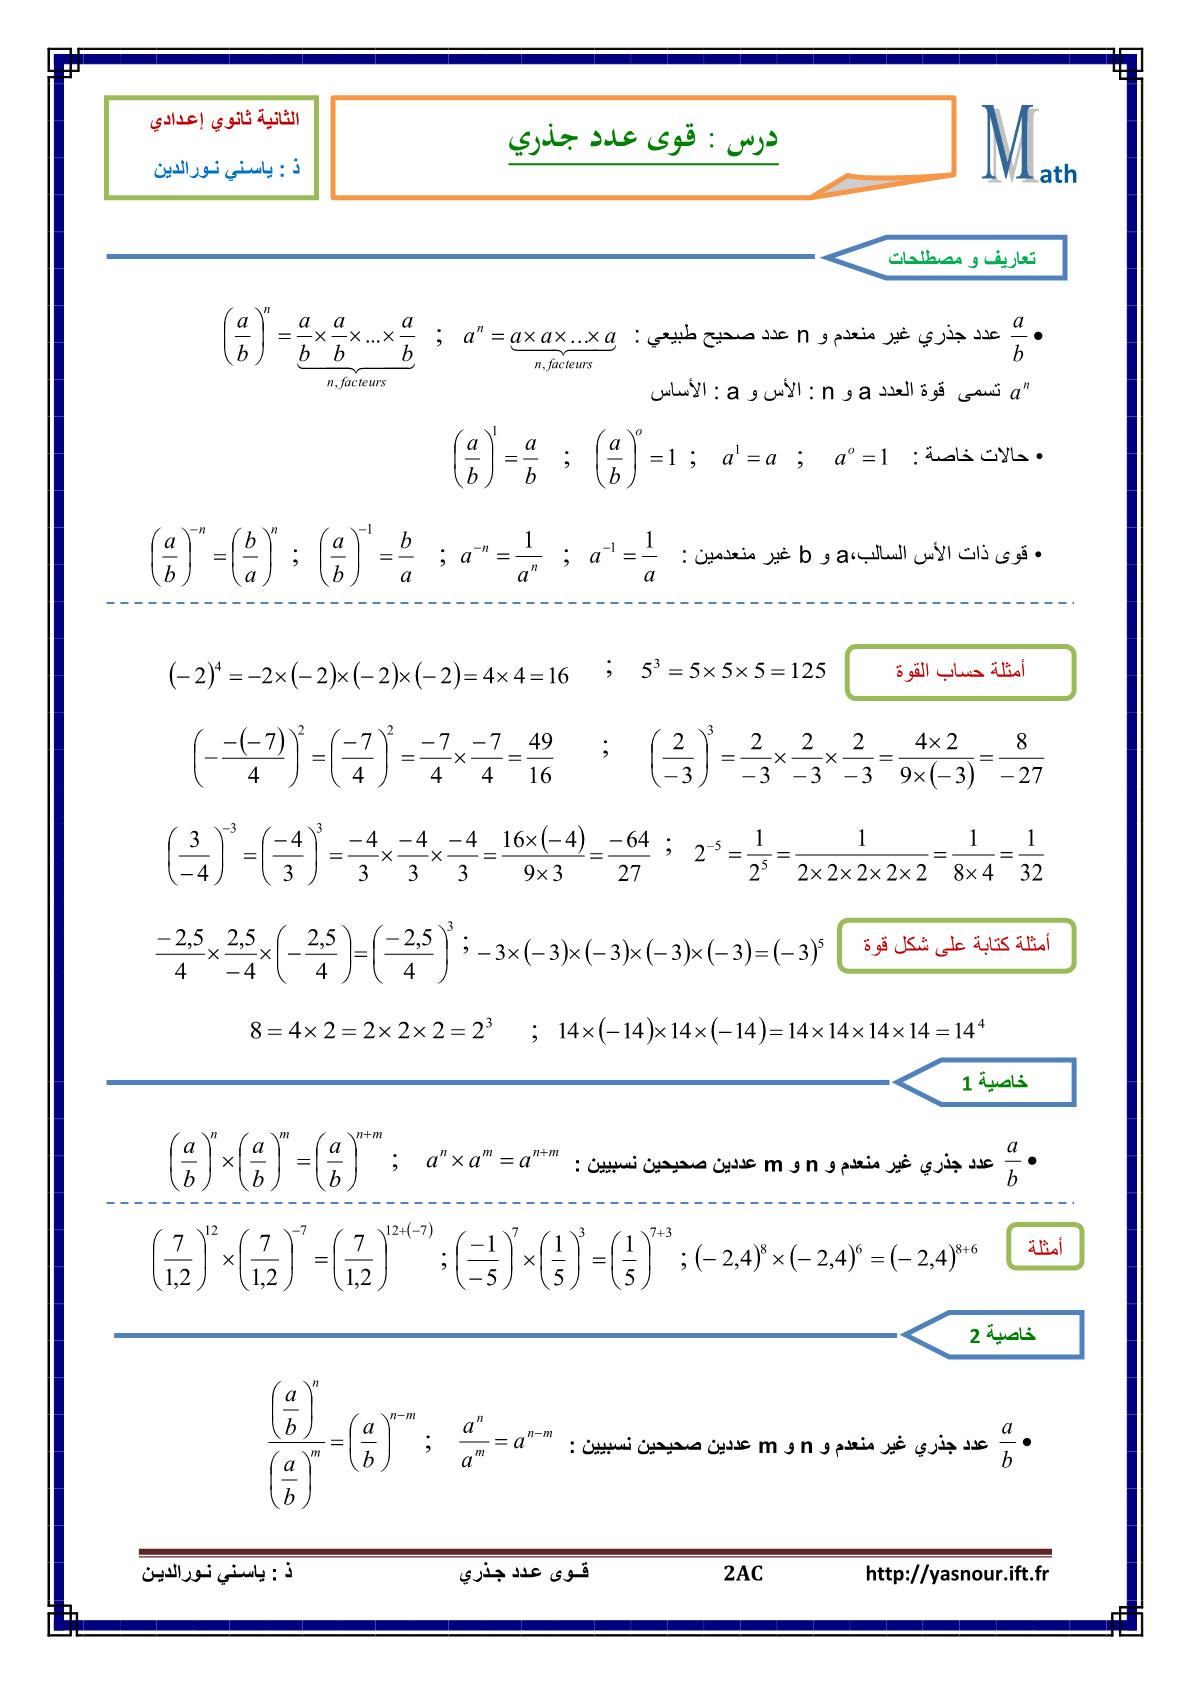 درس قوى العدد 10 مادة الرياضيات للسنة الثانية اعدادي